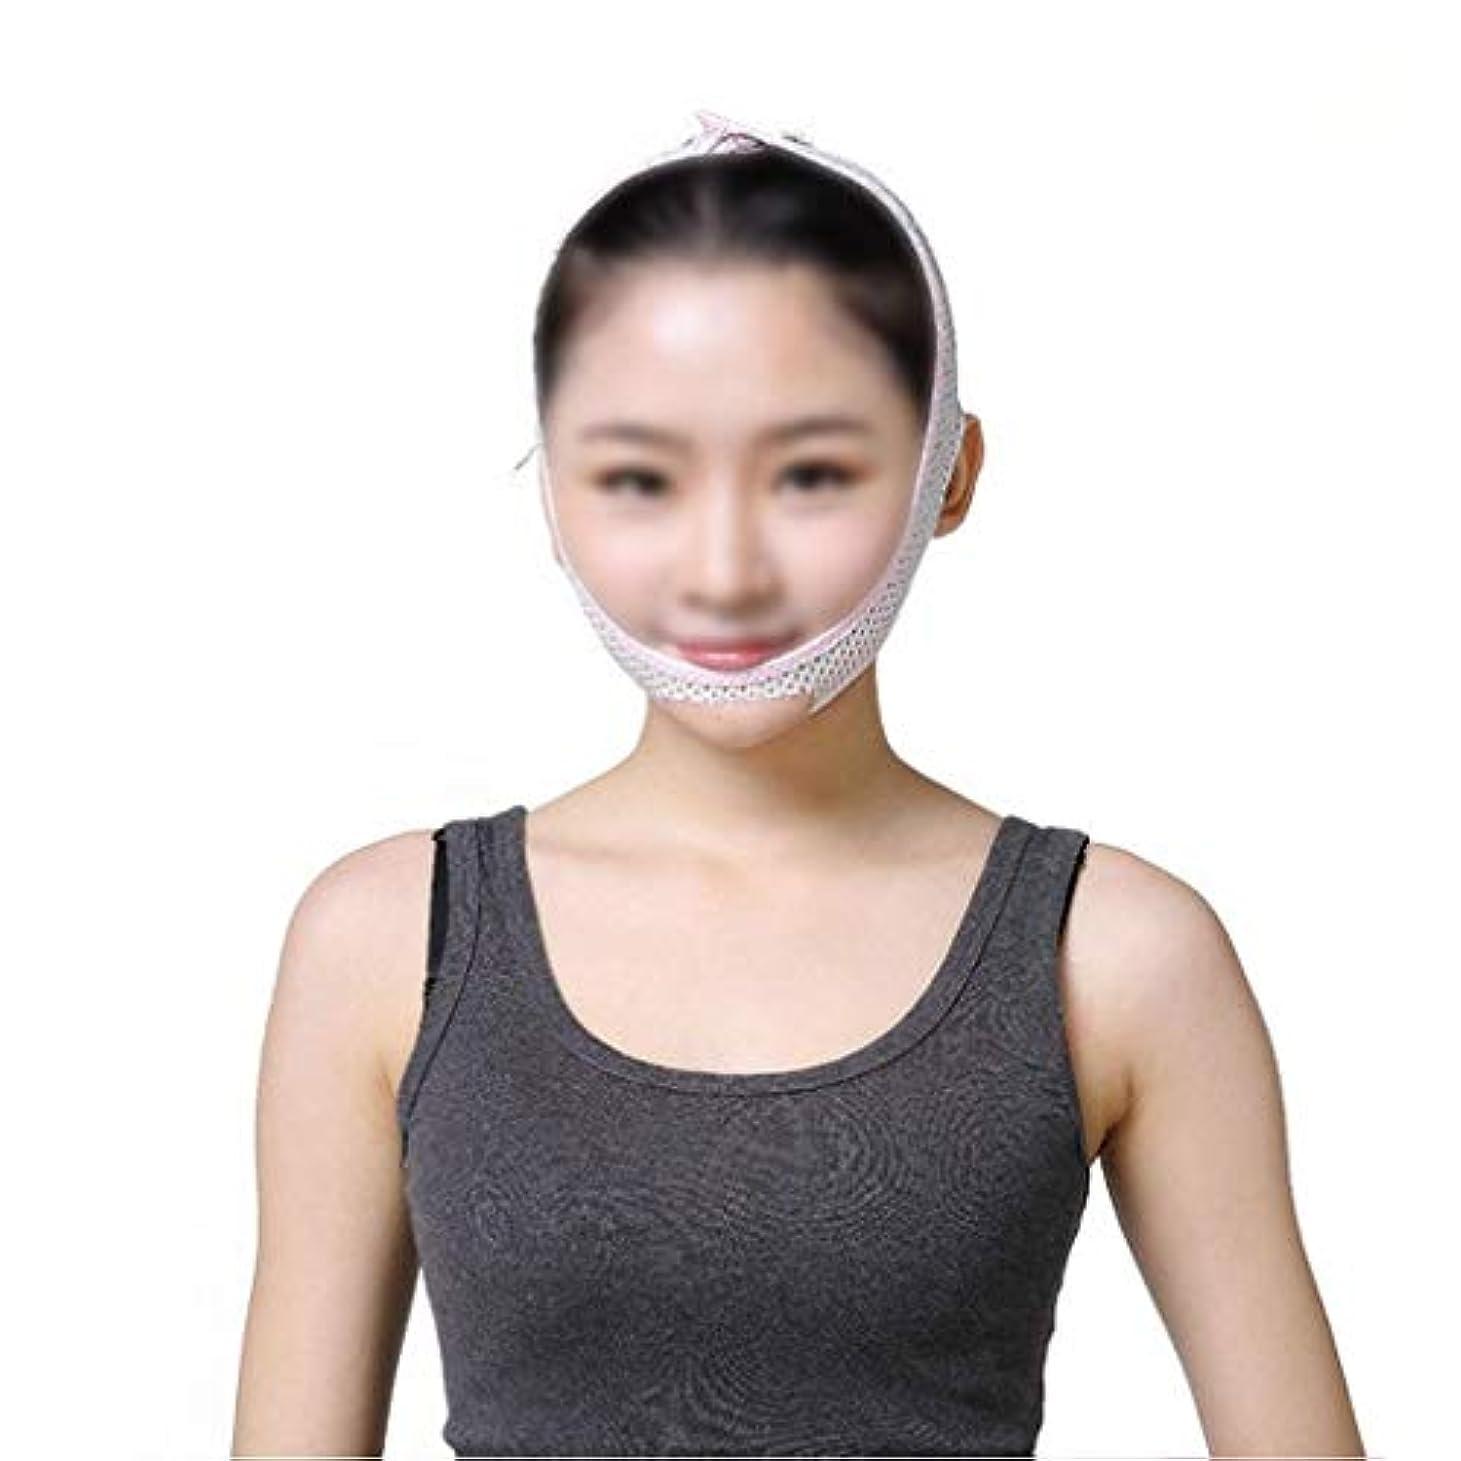 カフェテリア抜け目のない叙情的なフェイスリフティングマスク、快適で リフティングスキンファーミングスリープシンフェイスアーティファクトアンチリンクル/リムーブダブルチン/術後回復マスク(サイズ:M)